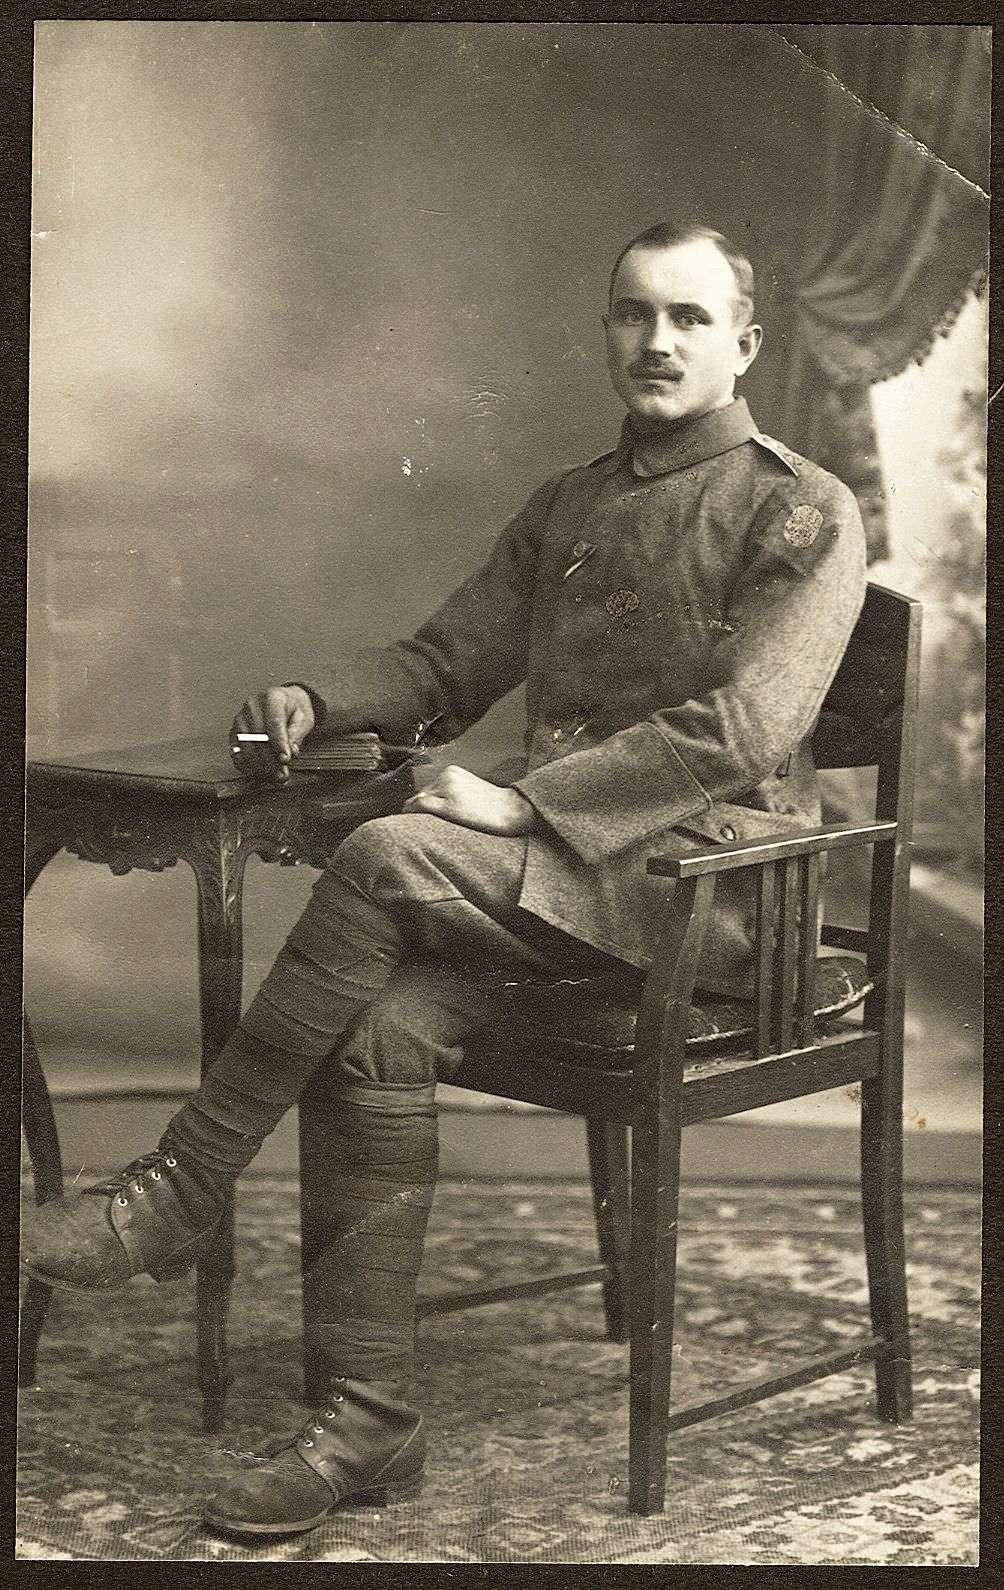 Linsenmayer, Heinrich, Bild 1